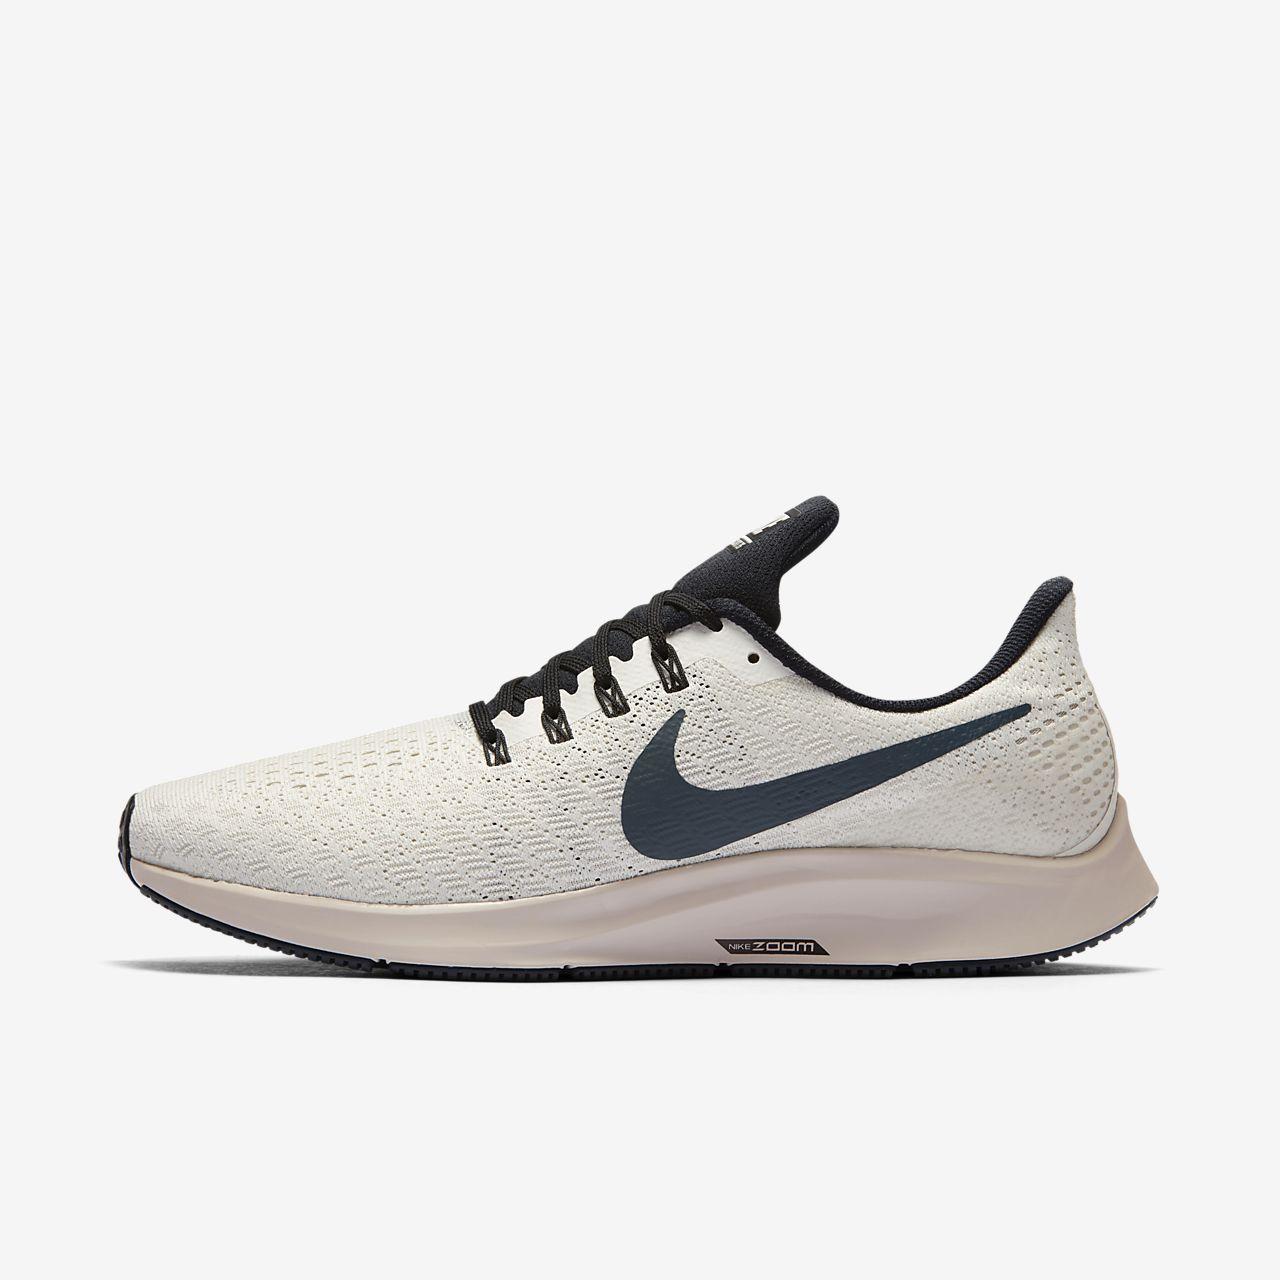 Diseños populares de Nike Air Zoom Pegasus 33 Zapatillas de